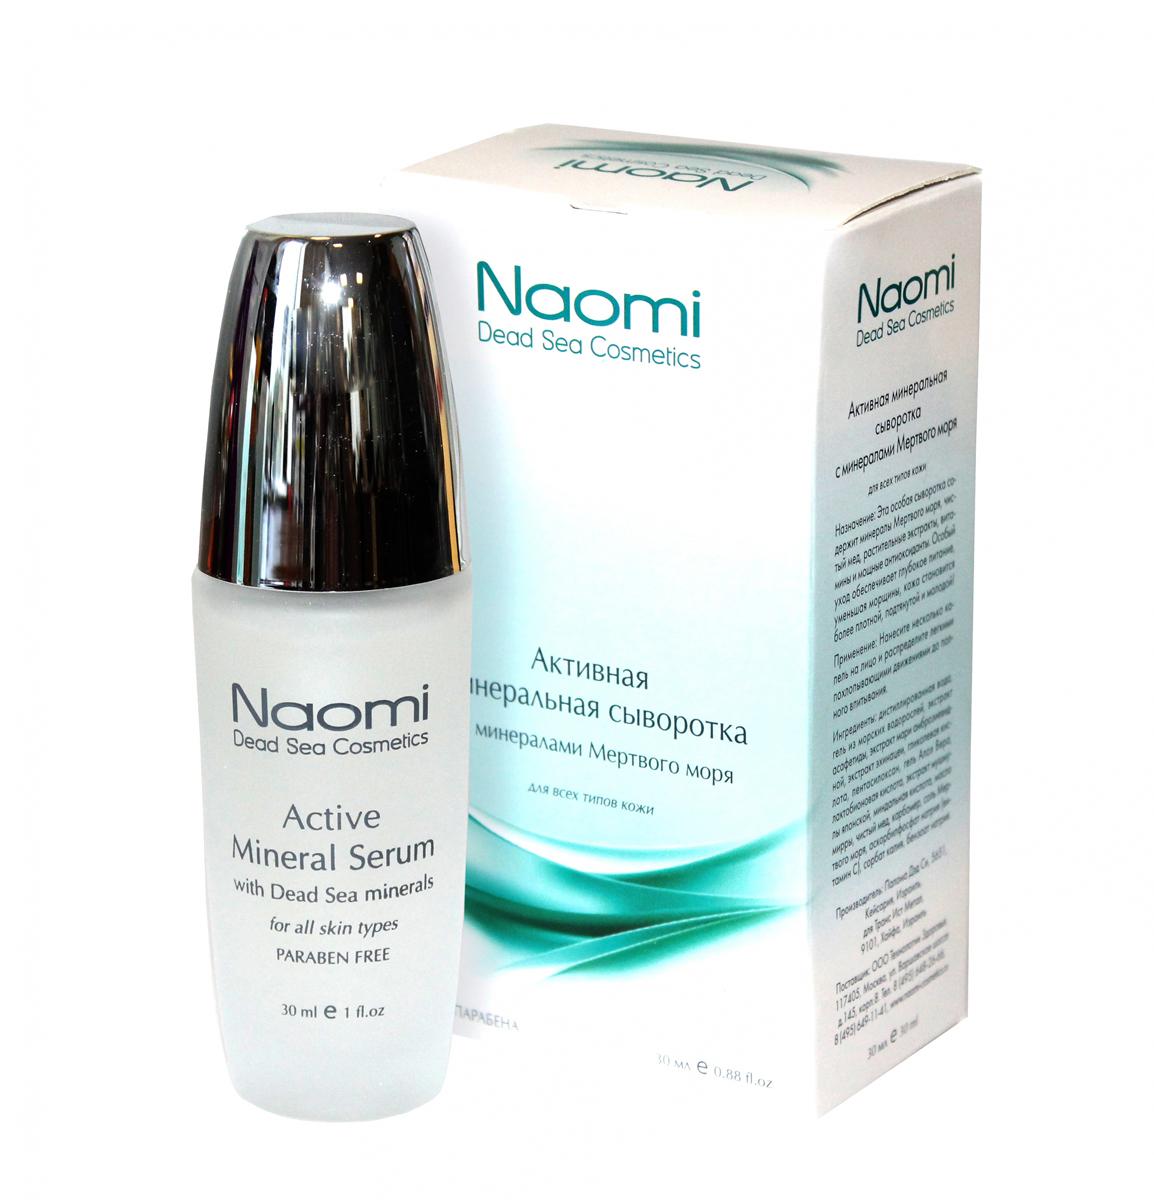 Naomi Активная минеральная сыворотка Naomi, 30 млKM 0047Эта особая сыворотка содержит минералы Мертвого моря, чистый мед, растительные экстракты, витамины и мощные антиоксиданты. Особый уход обеспечивает глубокое питание, уменьшая морщины, кожа становится более плотной, подтянутой и молодой!